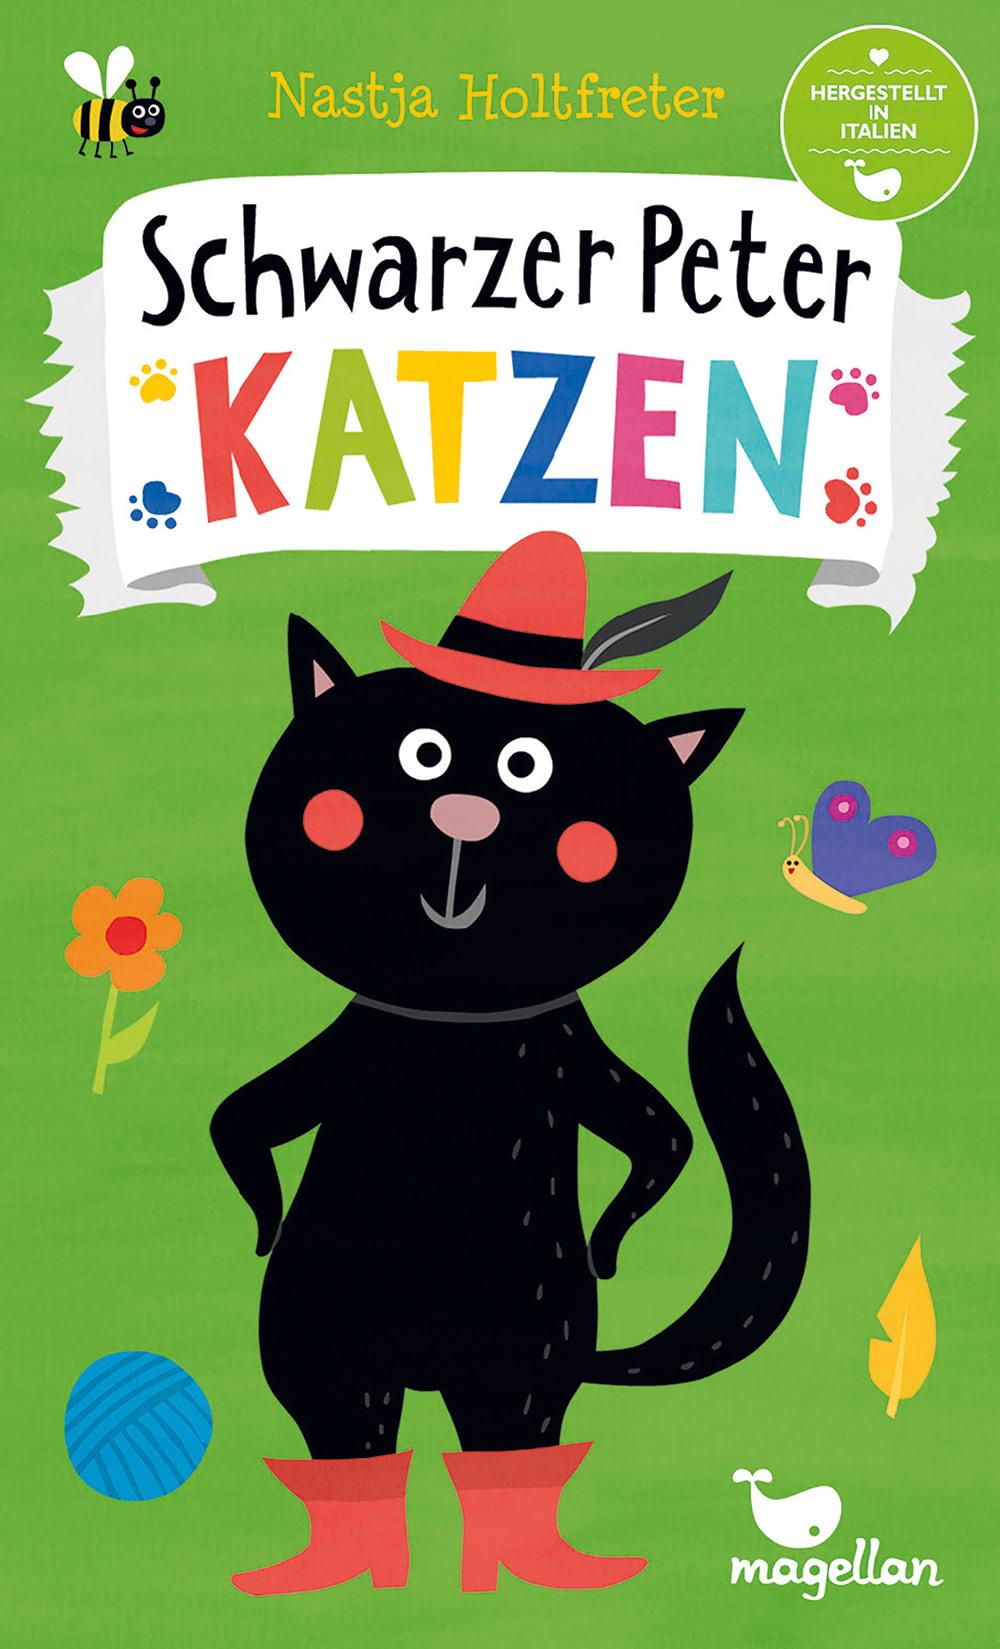 Cover Schwarzer Peter Katzen Kartenspiel von Nastja Holtfreter